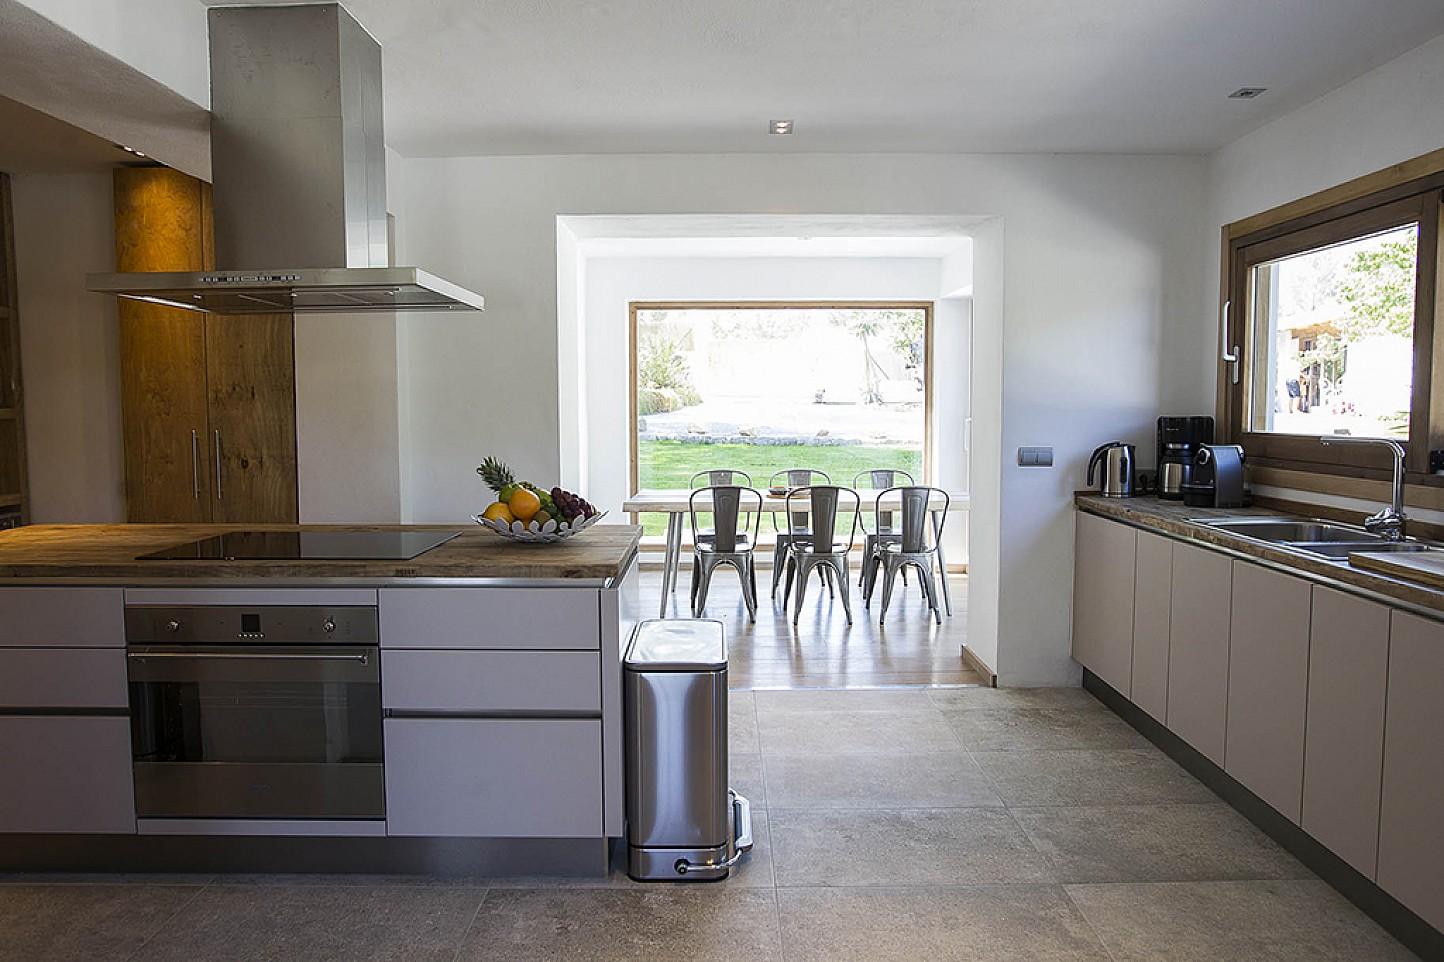 Cocina amplia, moderna, con isla central de cocción